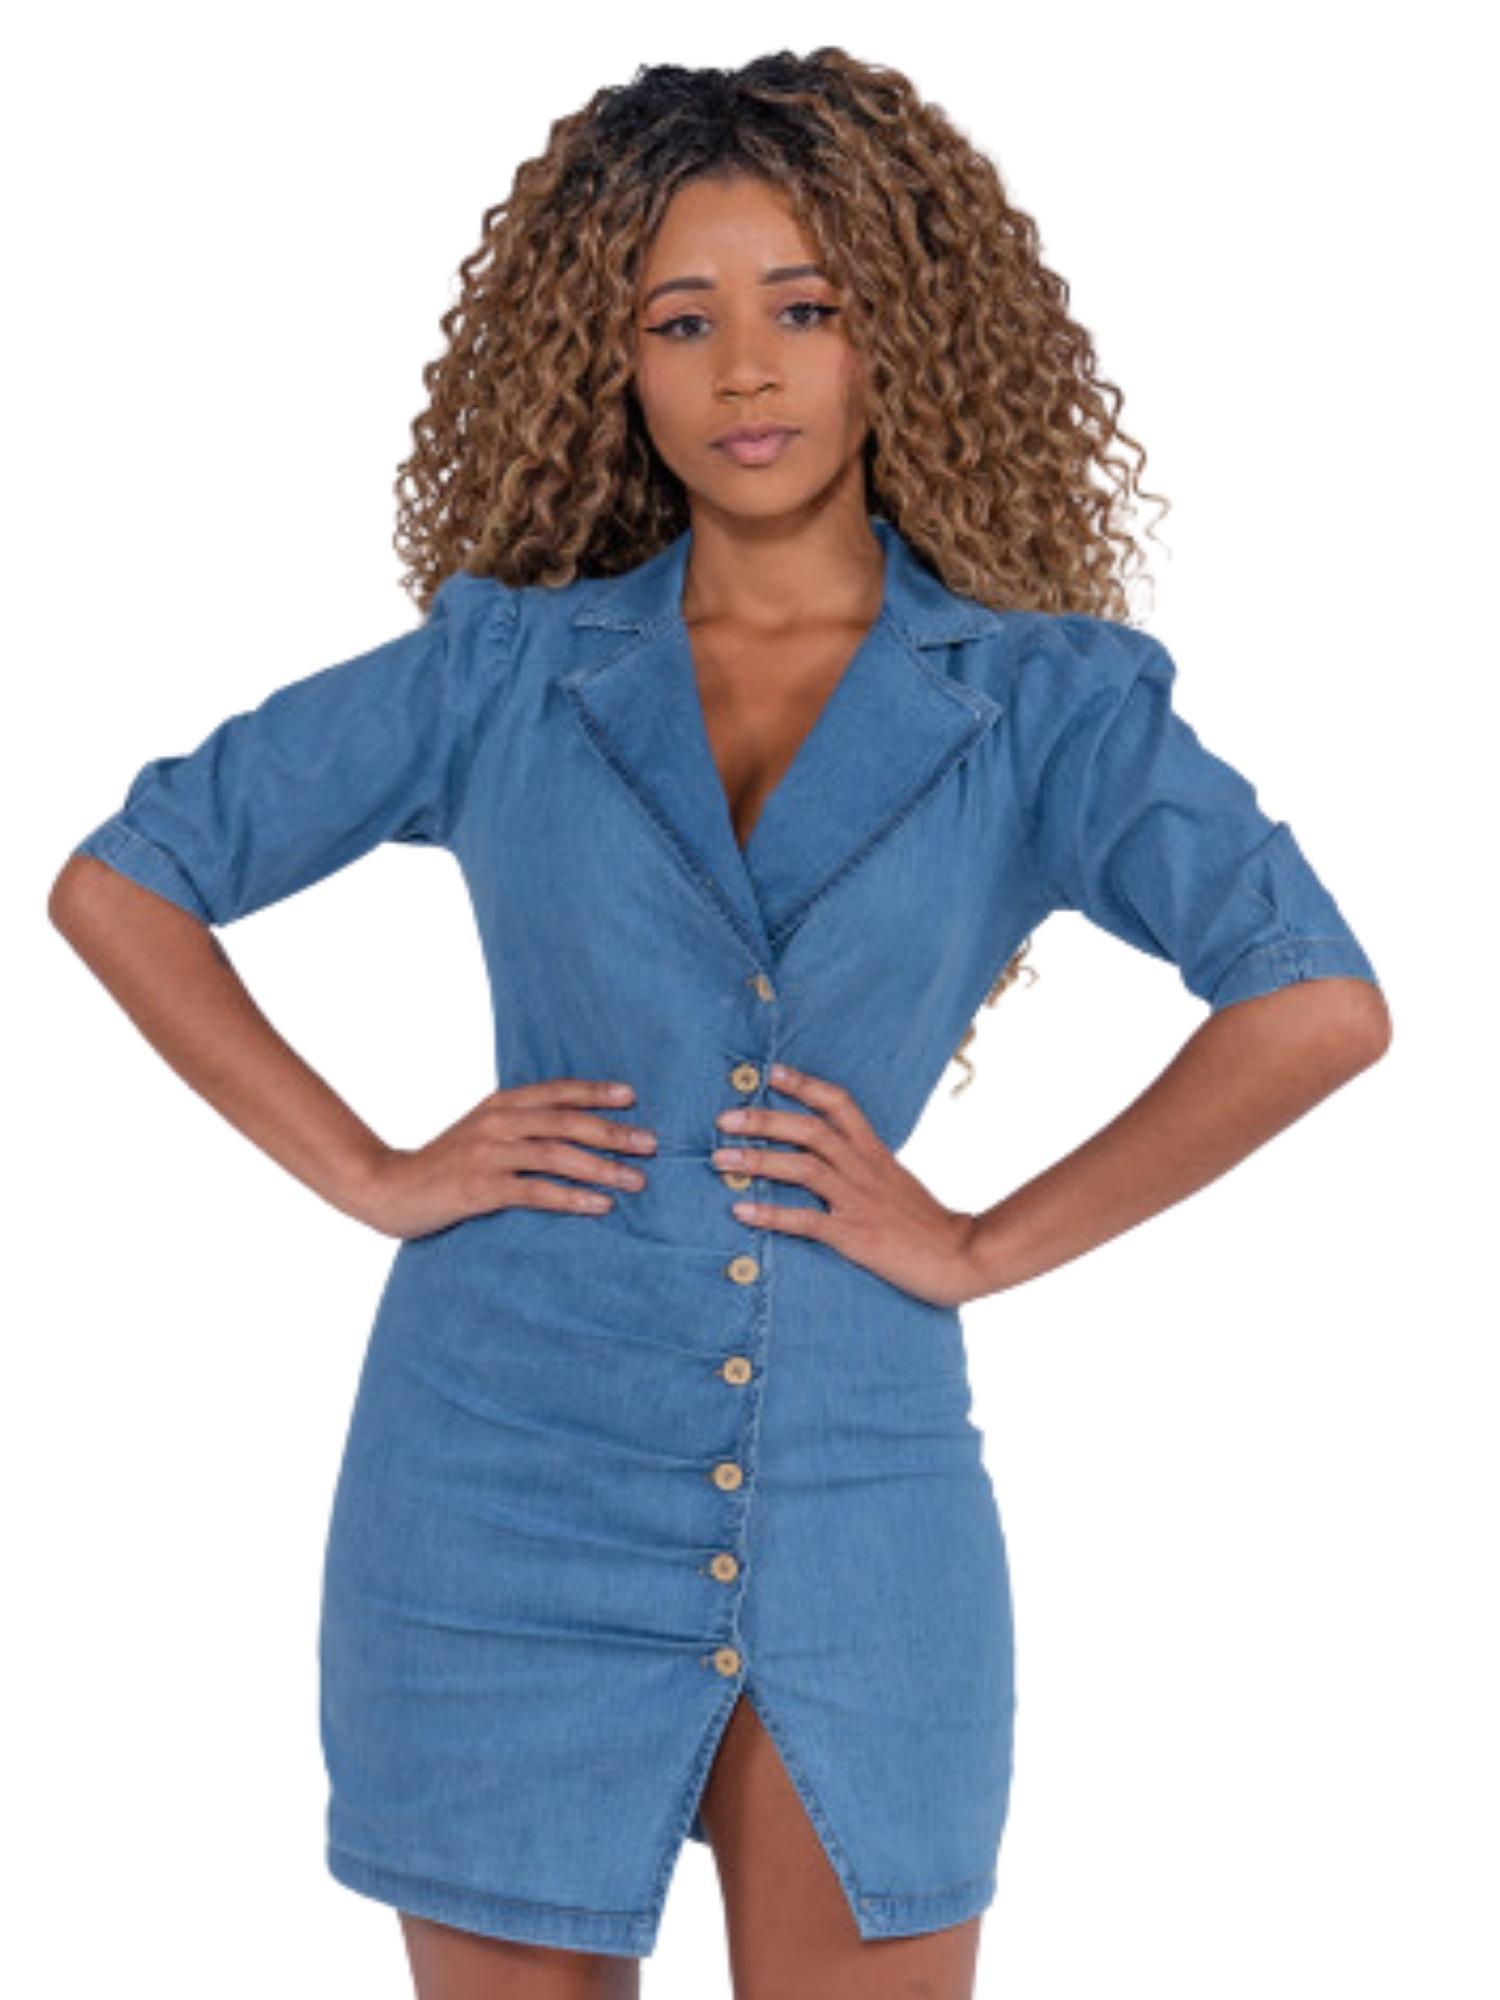 Vestido Jeans Revanche  81268